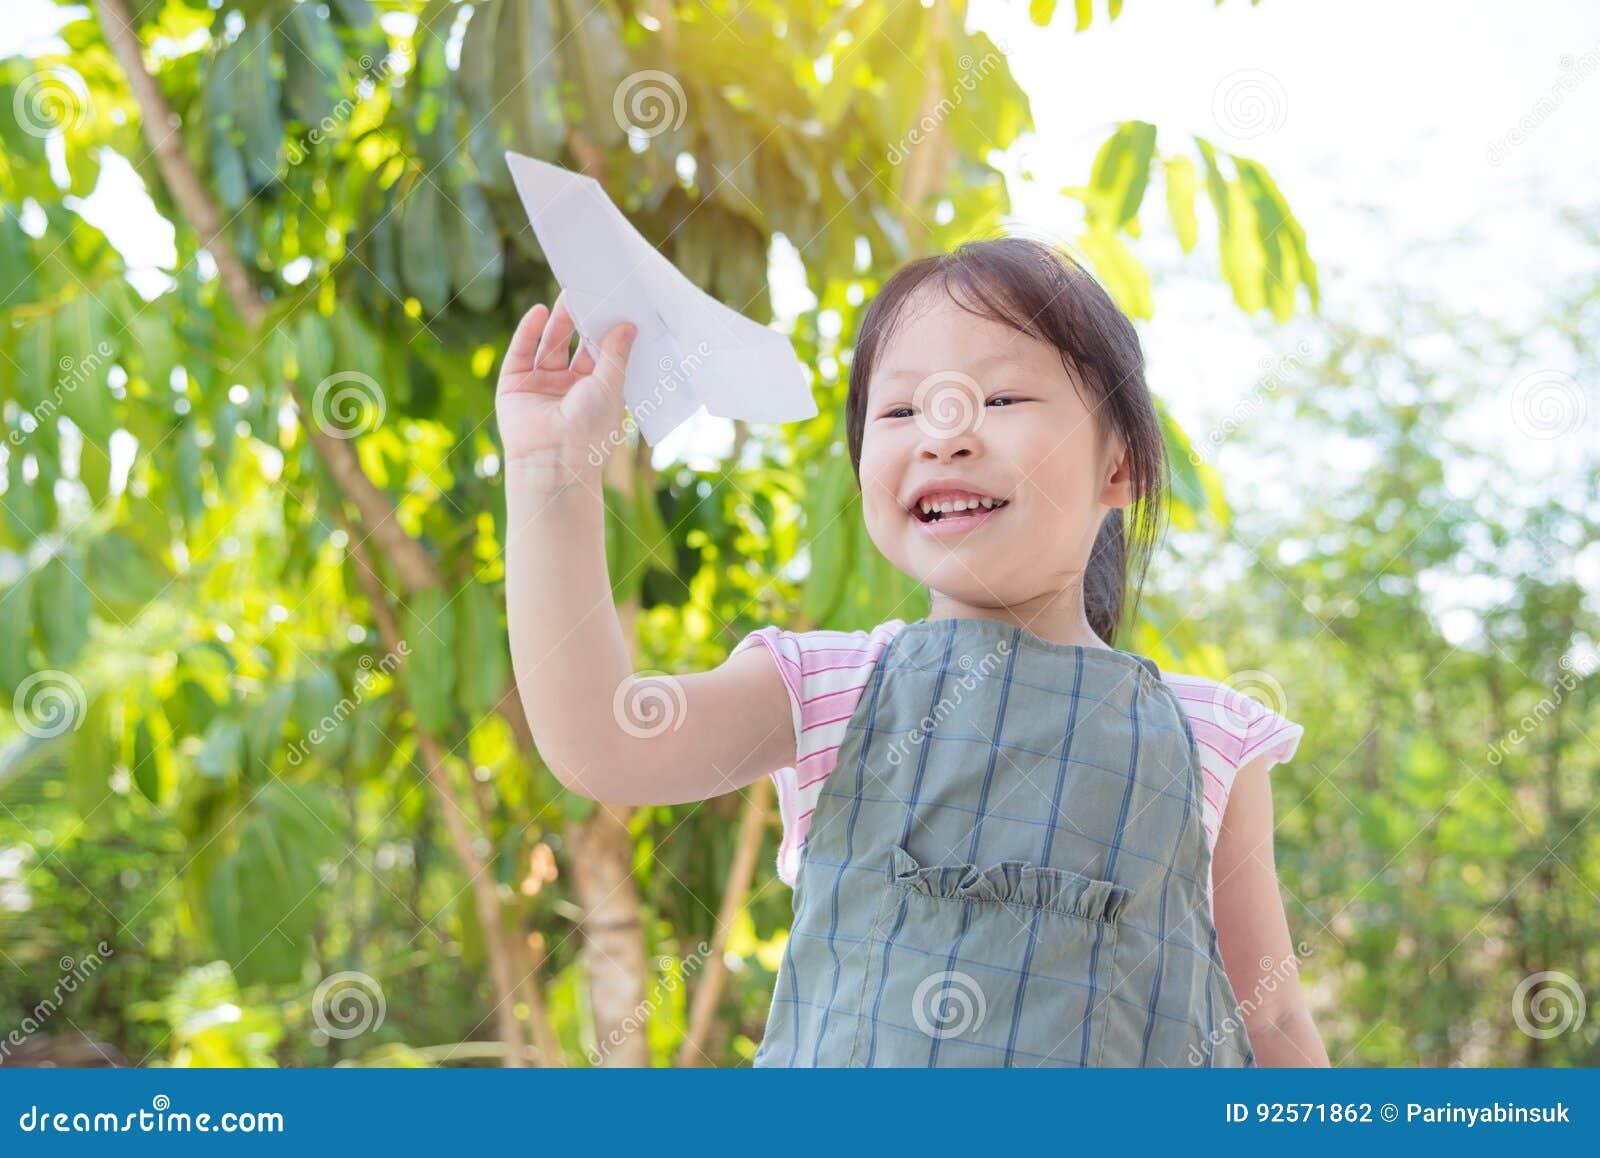 Bambina che gioca aeroplano di carta